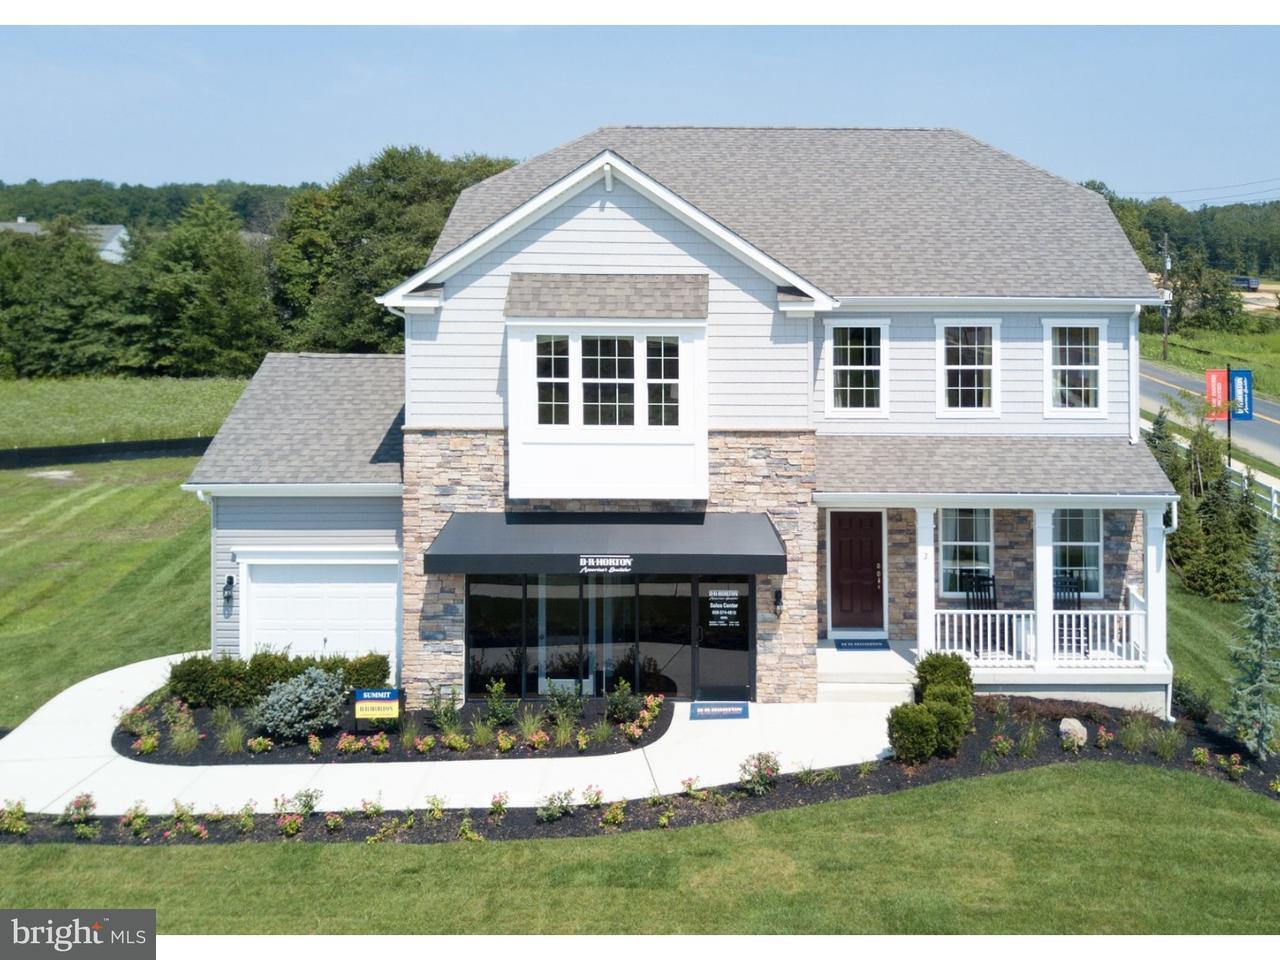 Casa Unifamiliar por un Venta en 2 AISLING WAY Evesham Twp, Nueva Jersey 08053 Estados Unidos